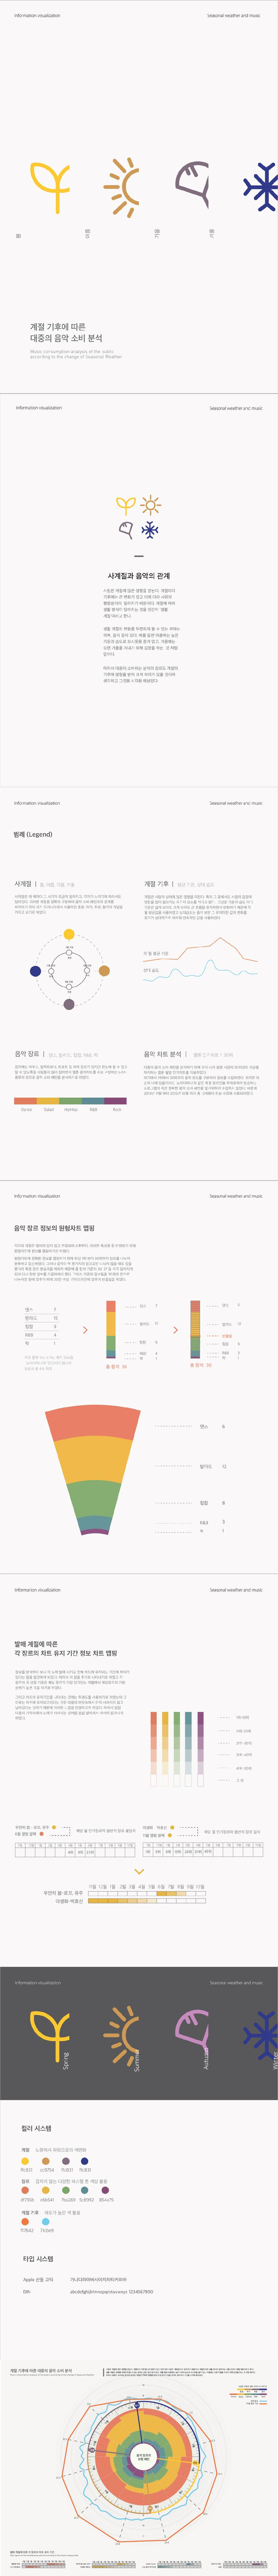 계절 기후에 따른 대중의 음악 소비 분석